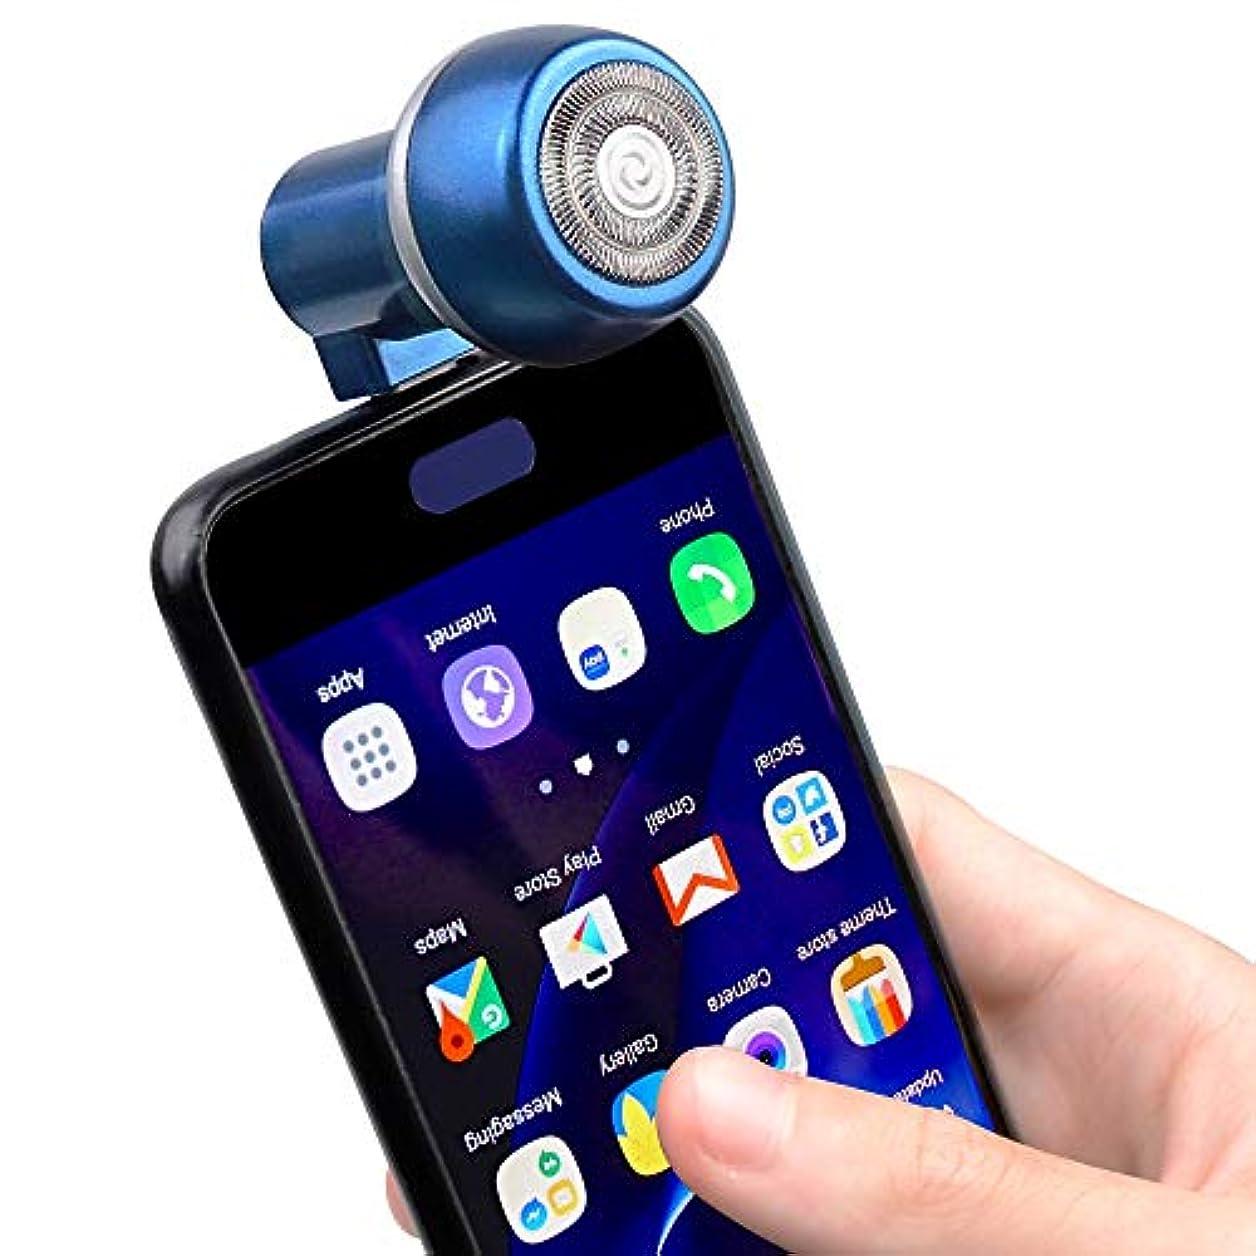 辞書電気の応答HINZER メンズシェーバー 髭剃り 電気シェーバー 回転式 ミニ 電動ひげそり 携帯電話/USB充電式 持ち運び便利 ビジネス 通勤用 海外対応 type-cポートブルー